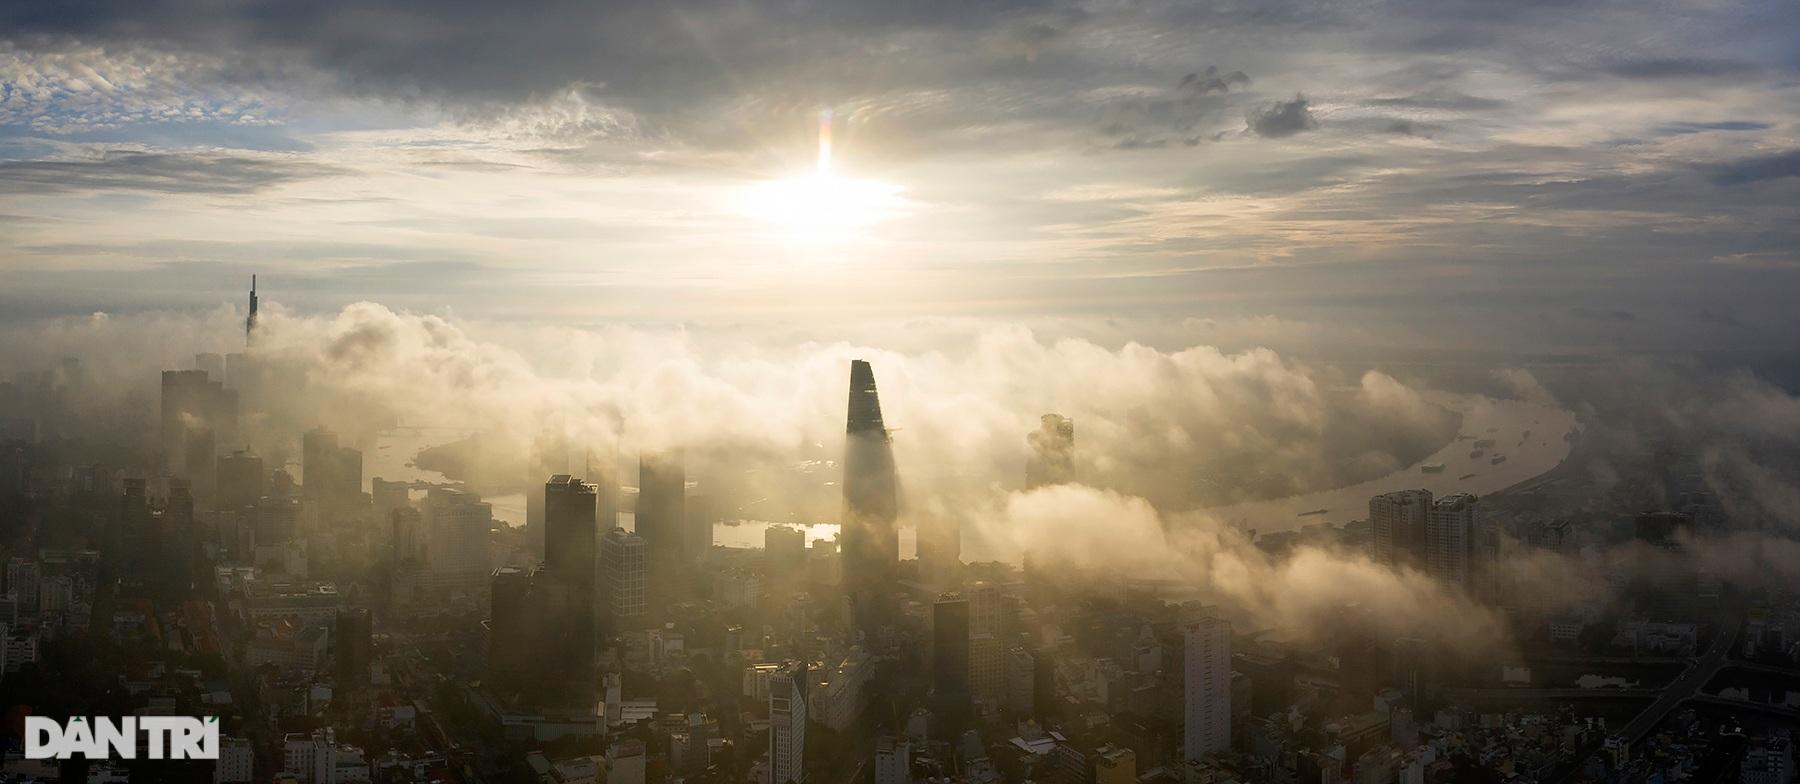 Thành phố Hồ Chí Minh - Vẻ đẹp của một Siêu đô thị hiện đại - 4